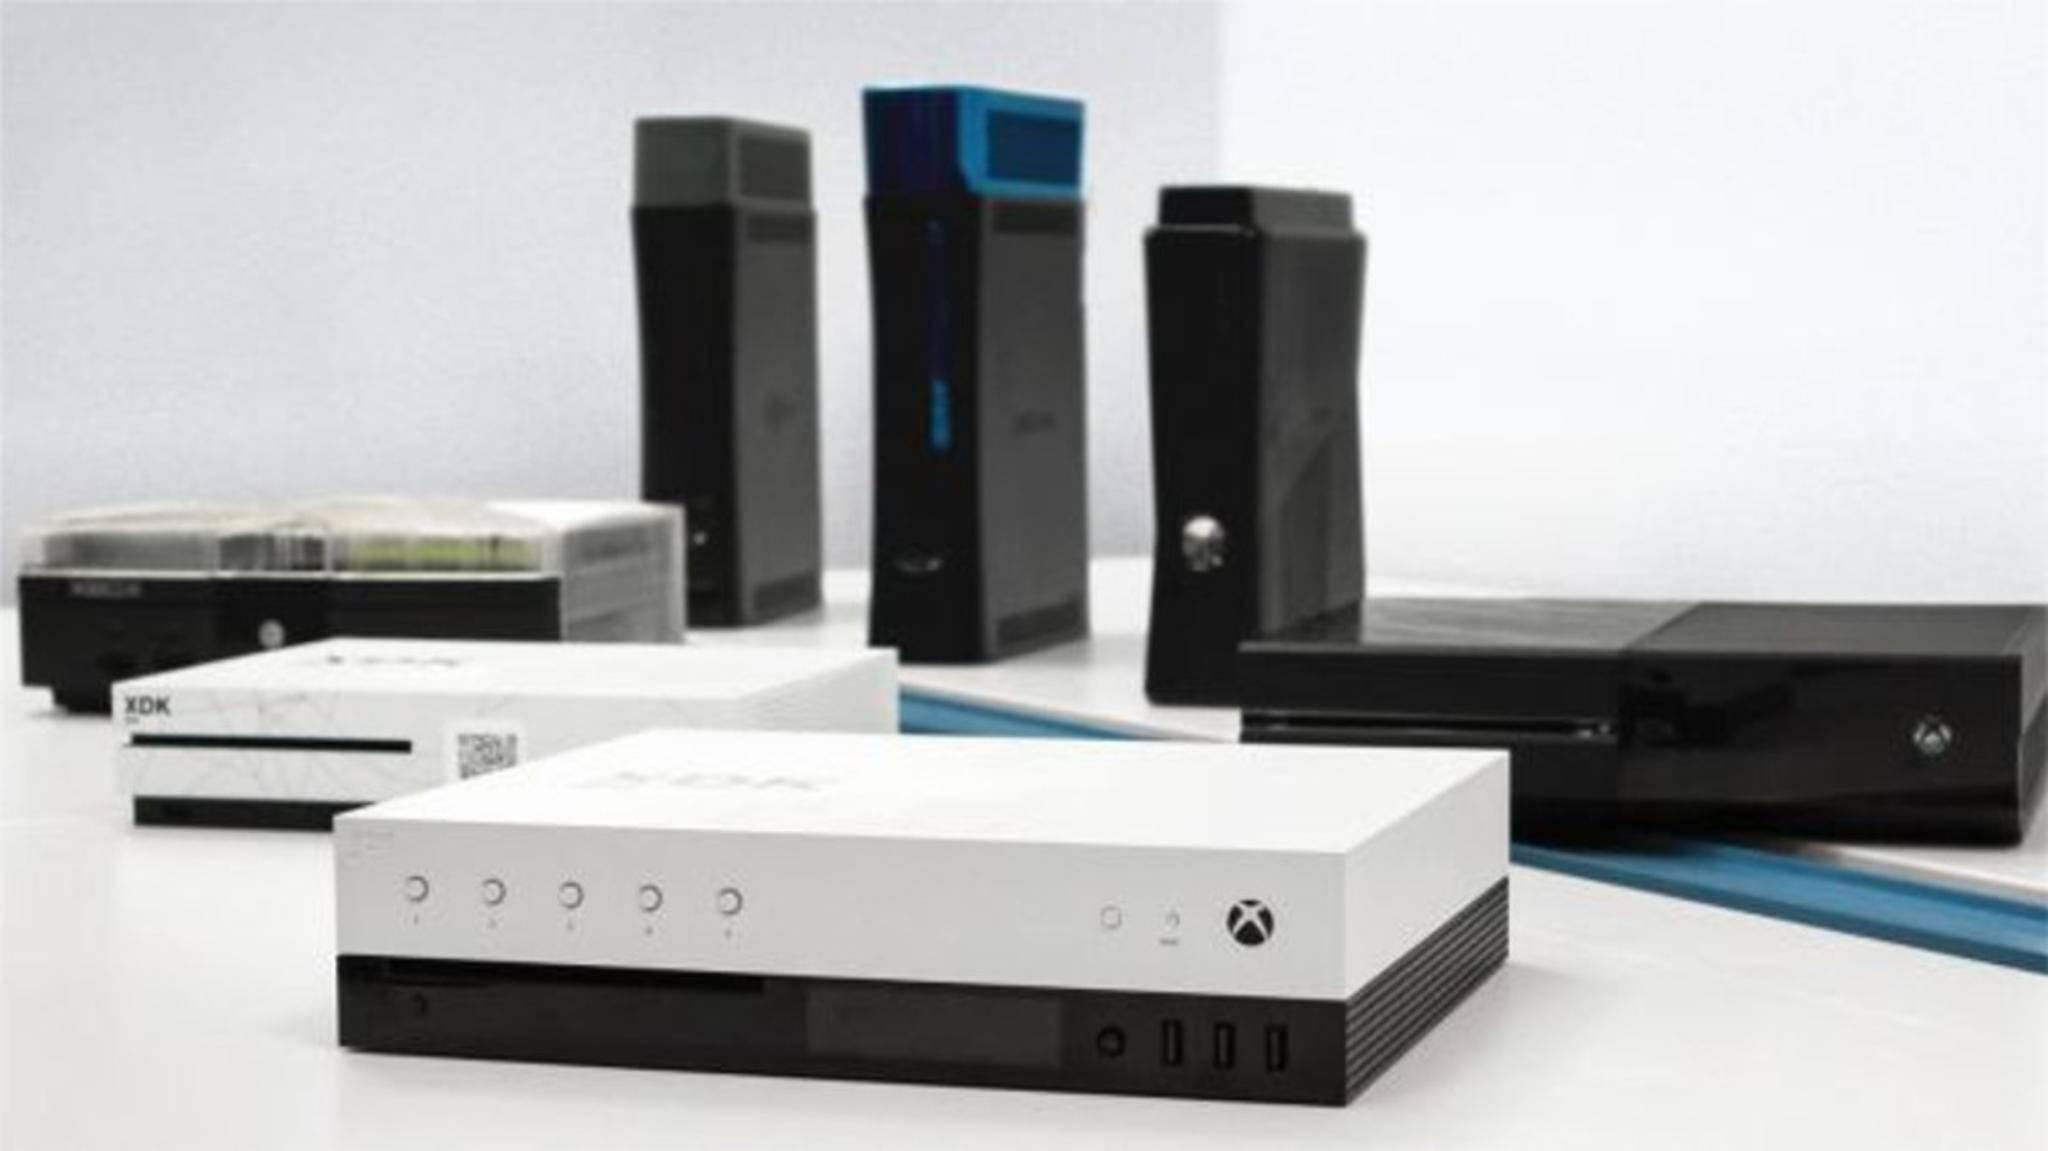 Xbox-Konsolen: Was kommt nach der Xbox One X?